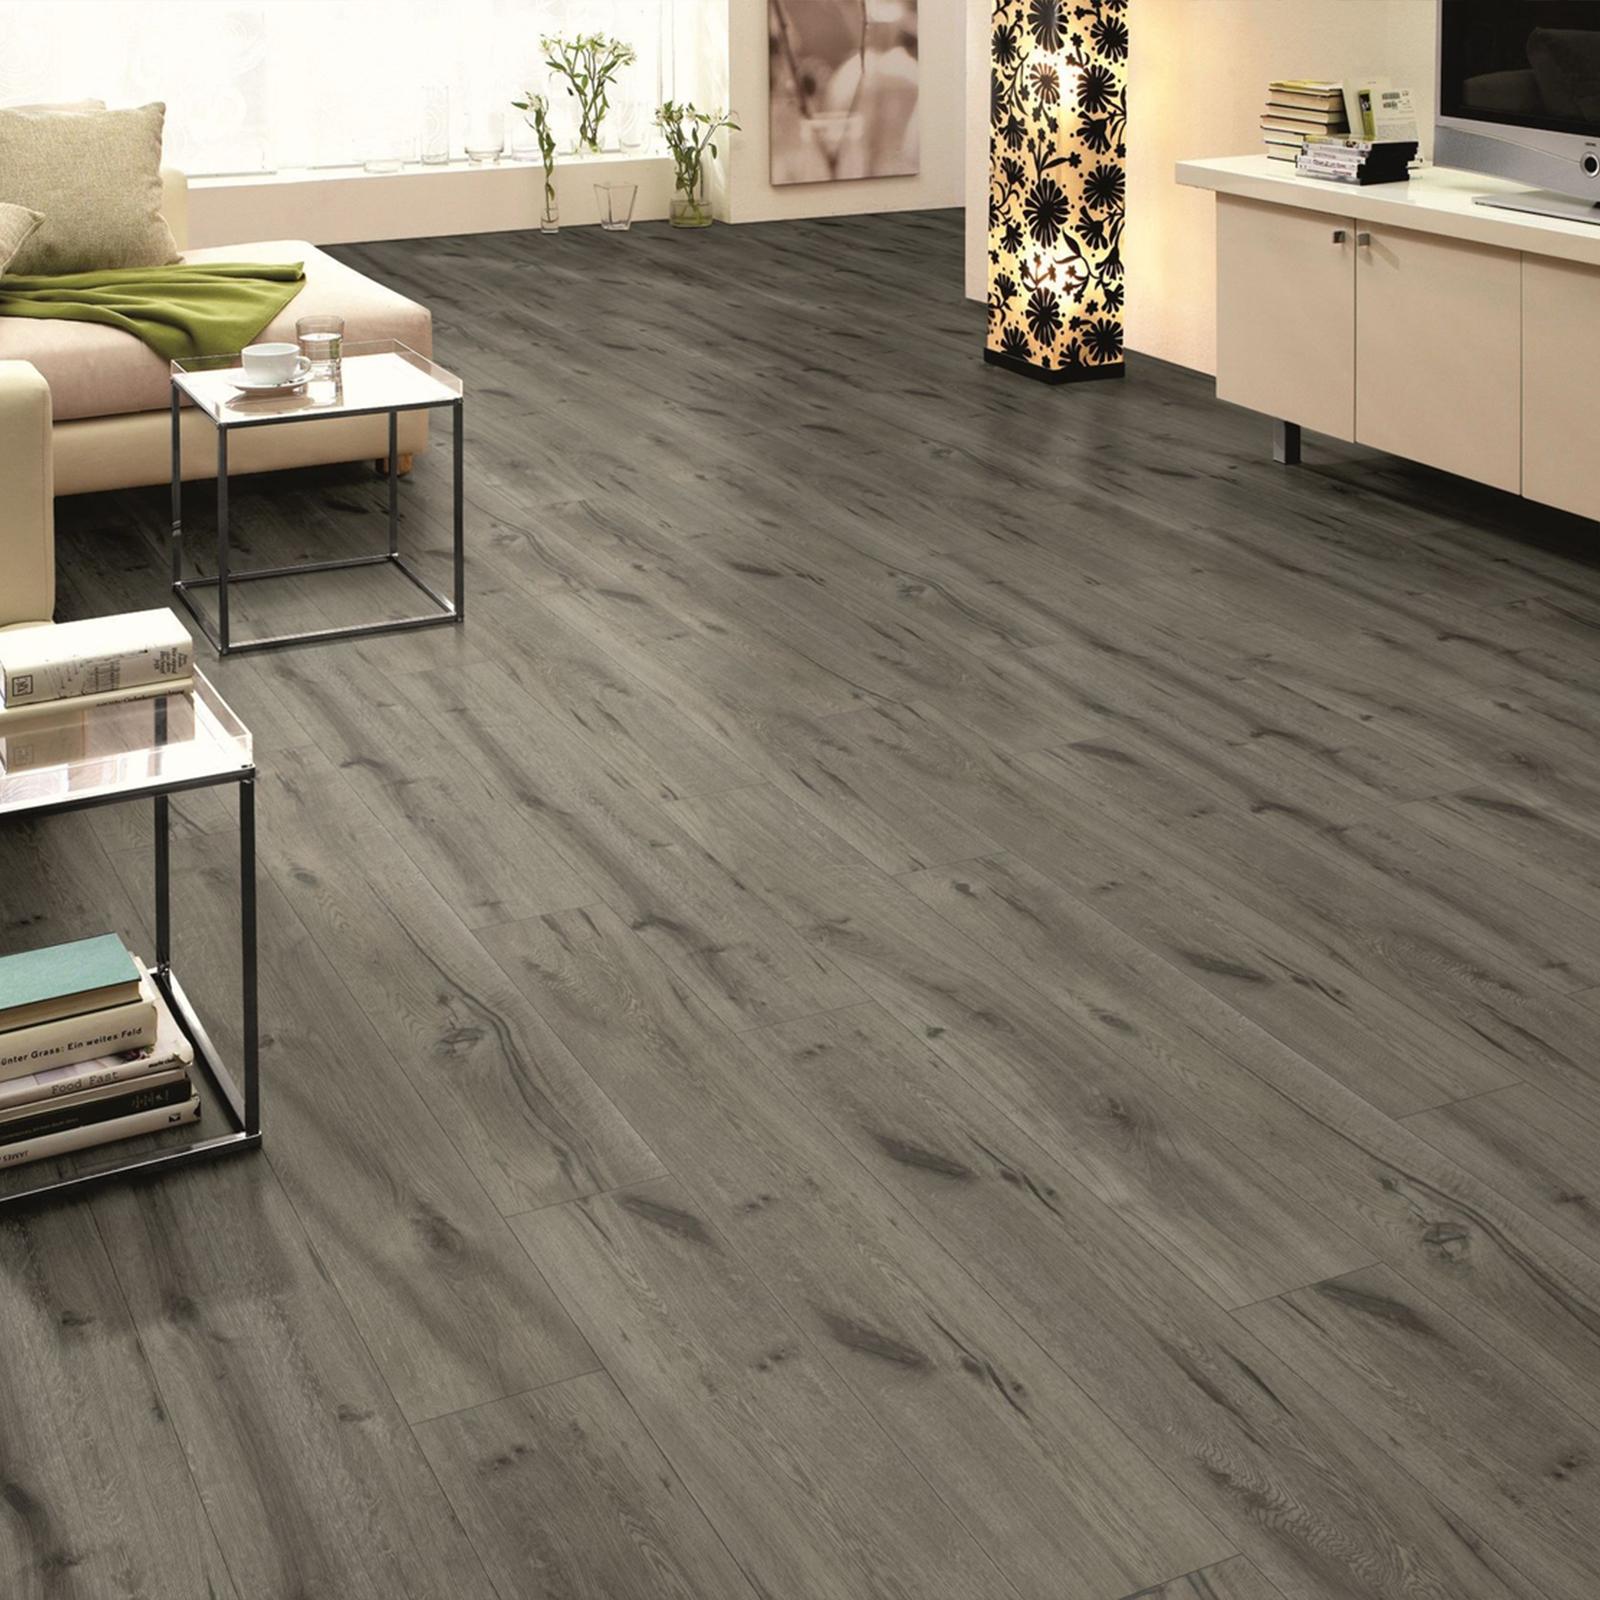 MUSTER   HORI Klebe Vinyl Laminat Dielen Vinylboden Bodenbelag Designboden   eBay